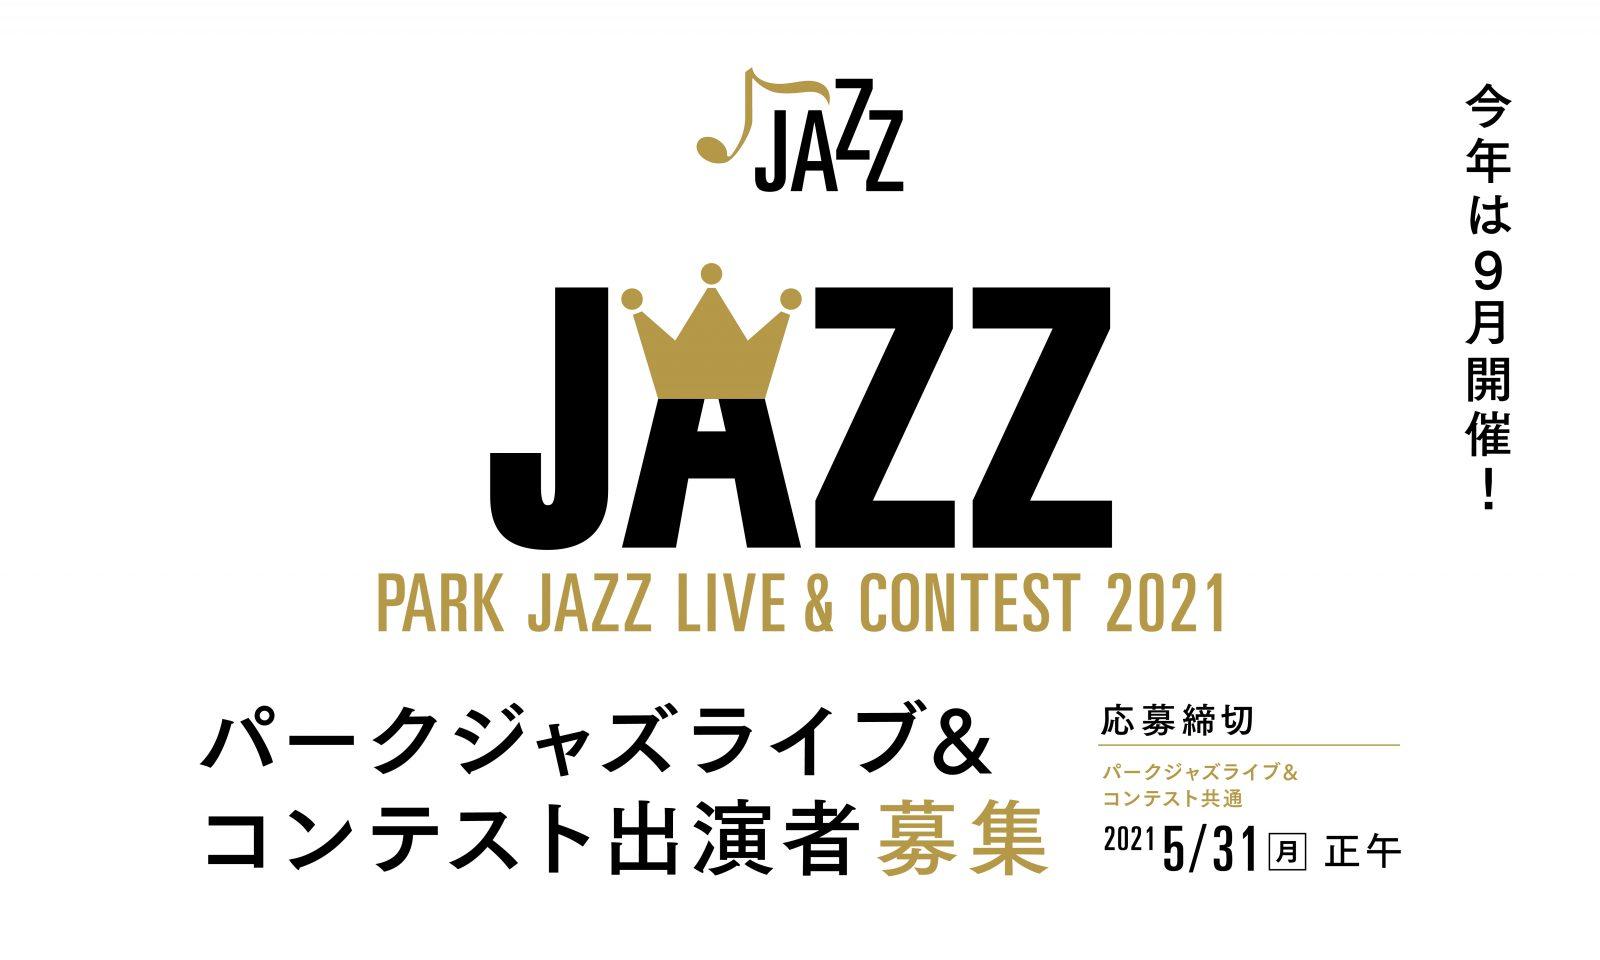 パークジャズライブ2021